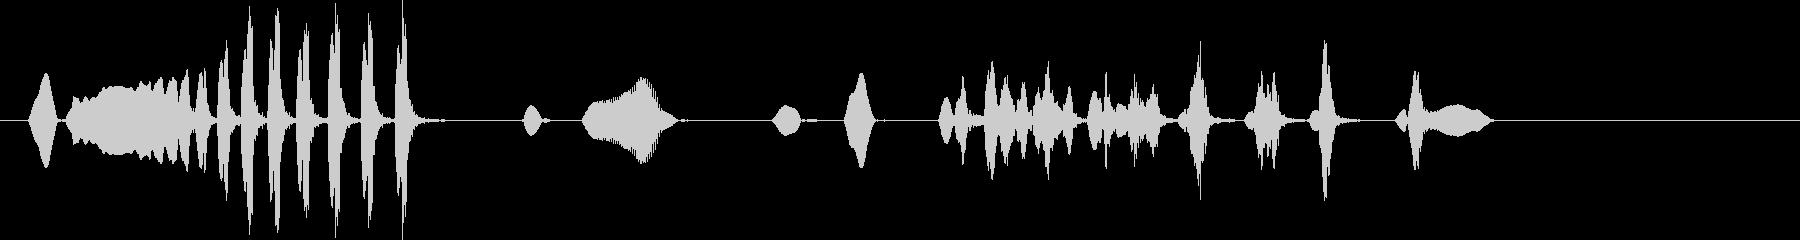 ギボンコール。 1つの短いフートに...の未再生の波形